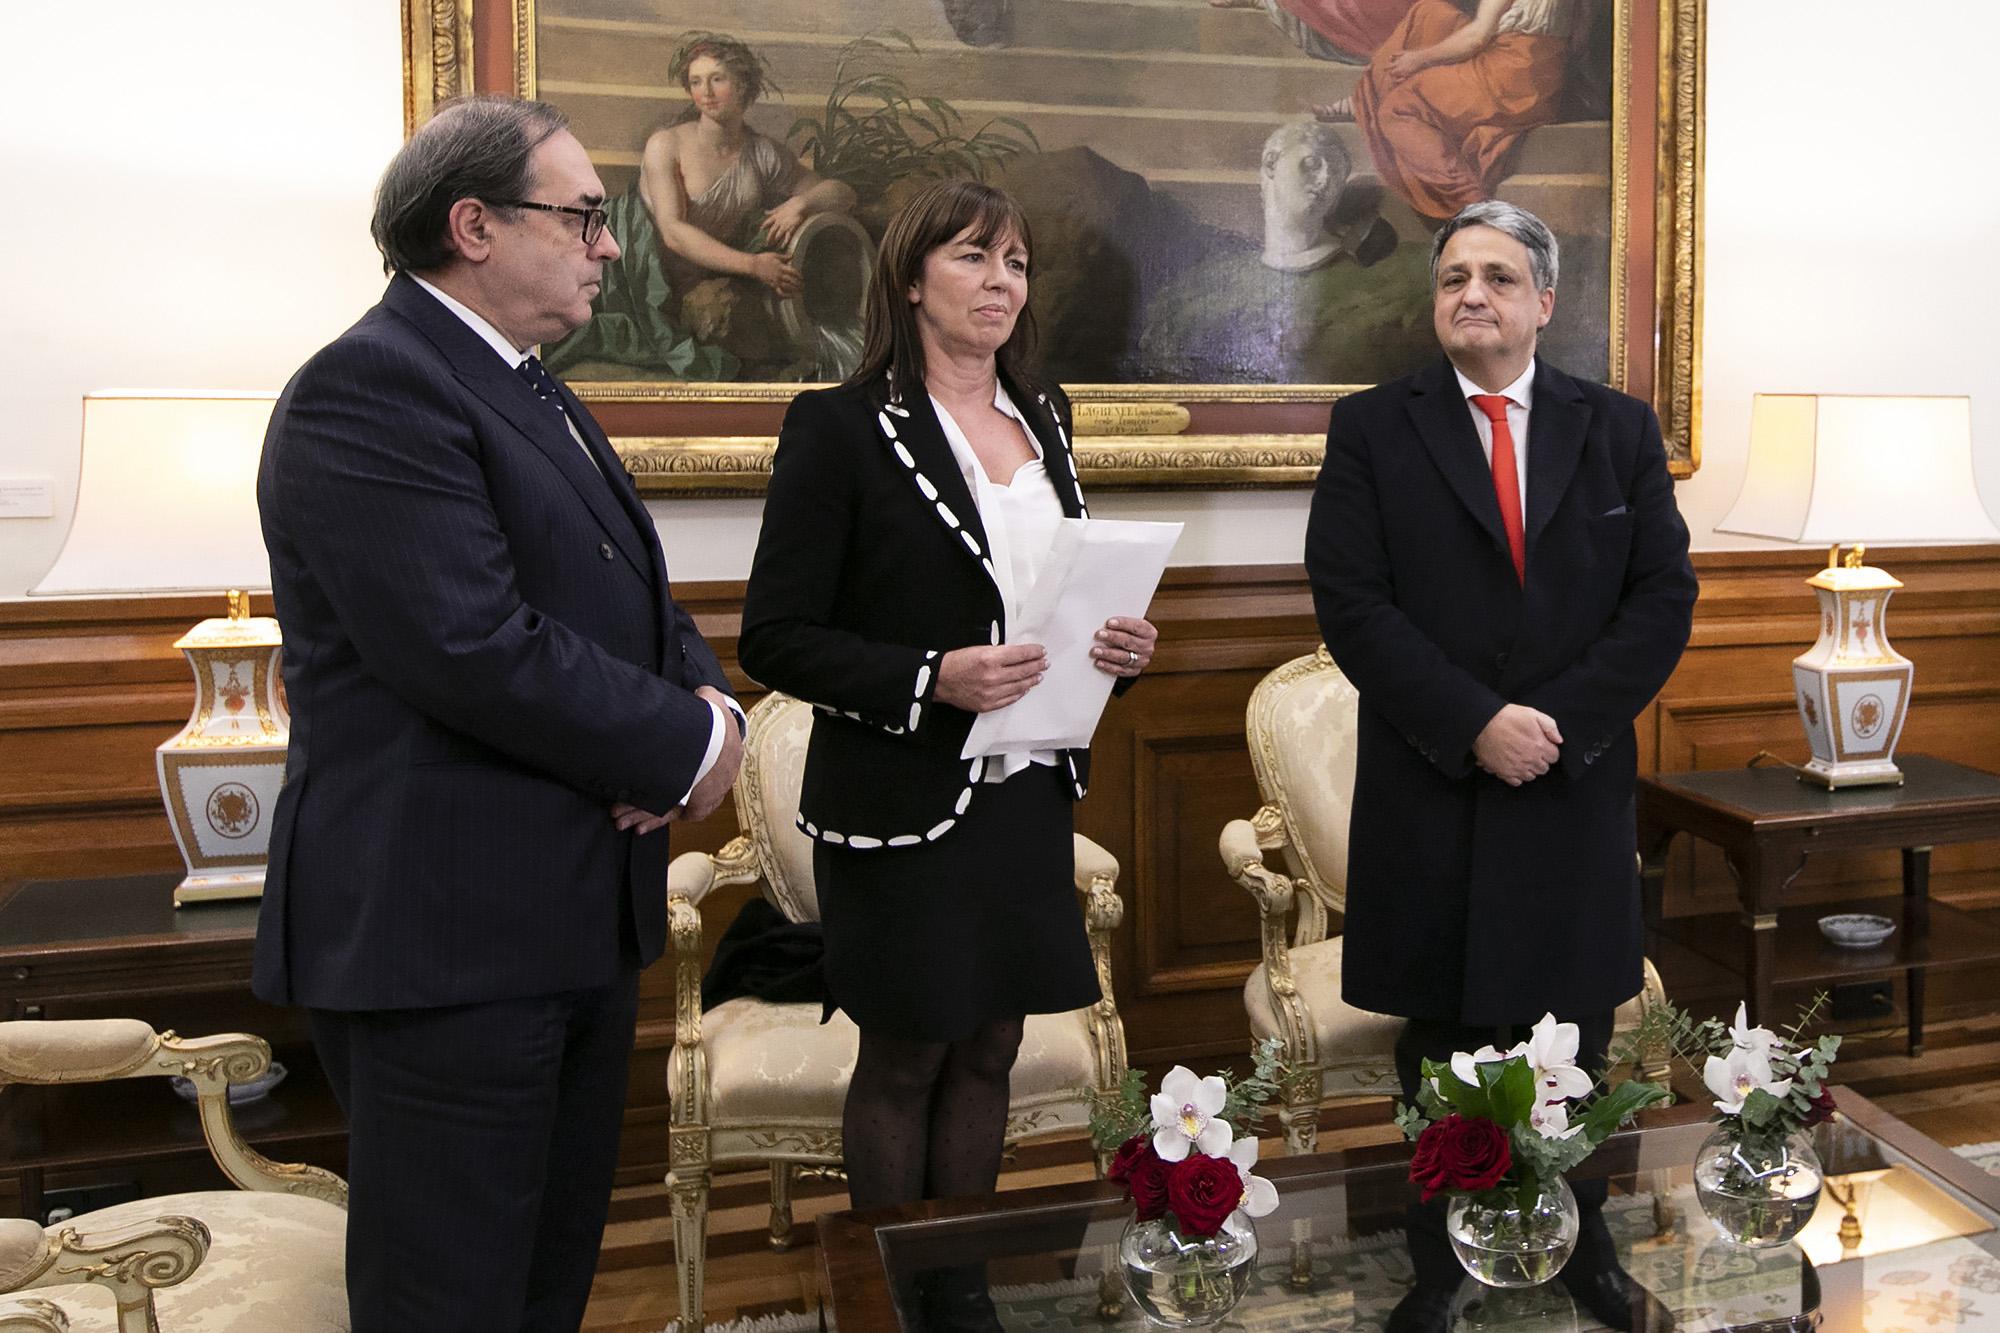 Paulo Macedo entrega na Assembleia o relatório da EY sobre a CGD - 01FEV19